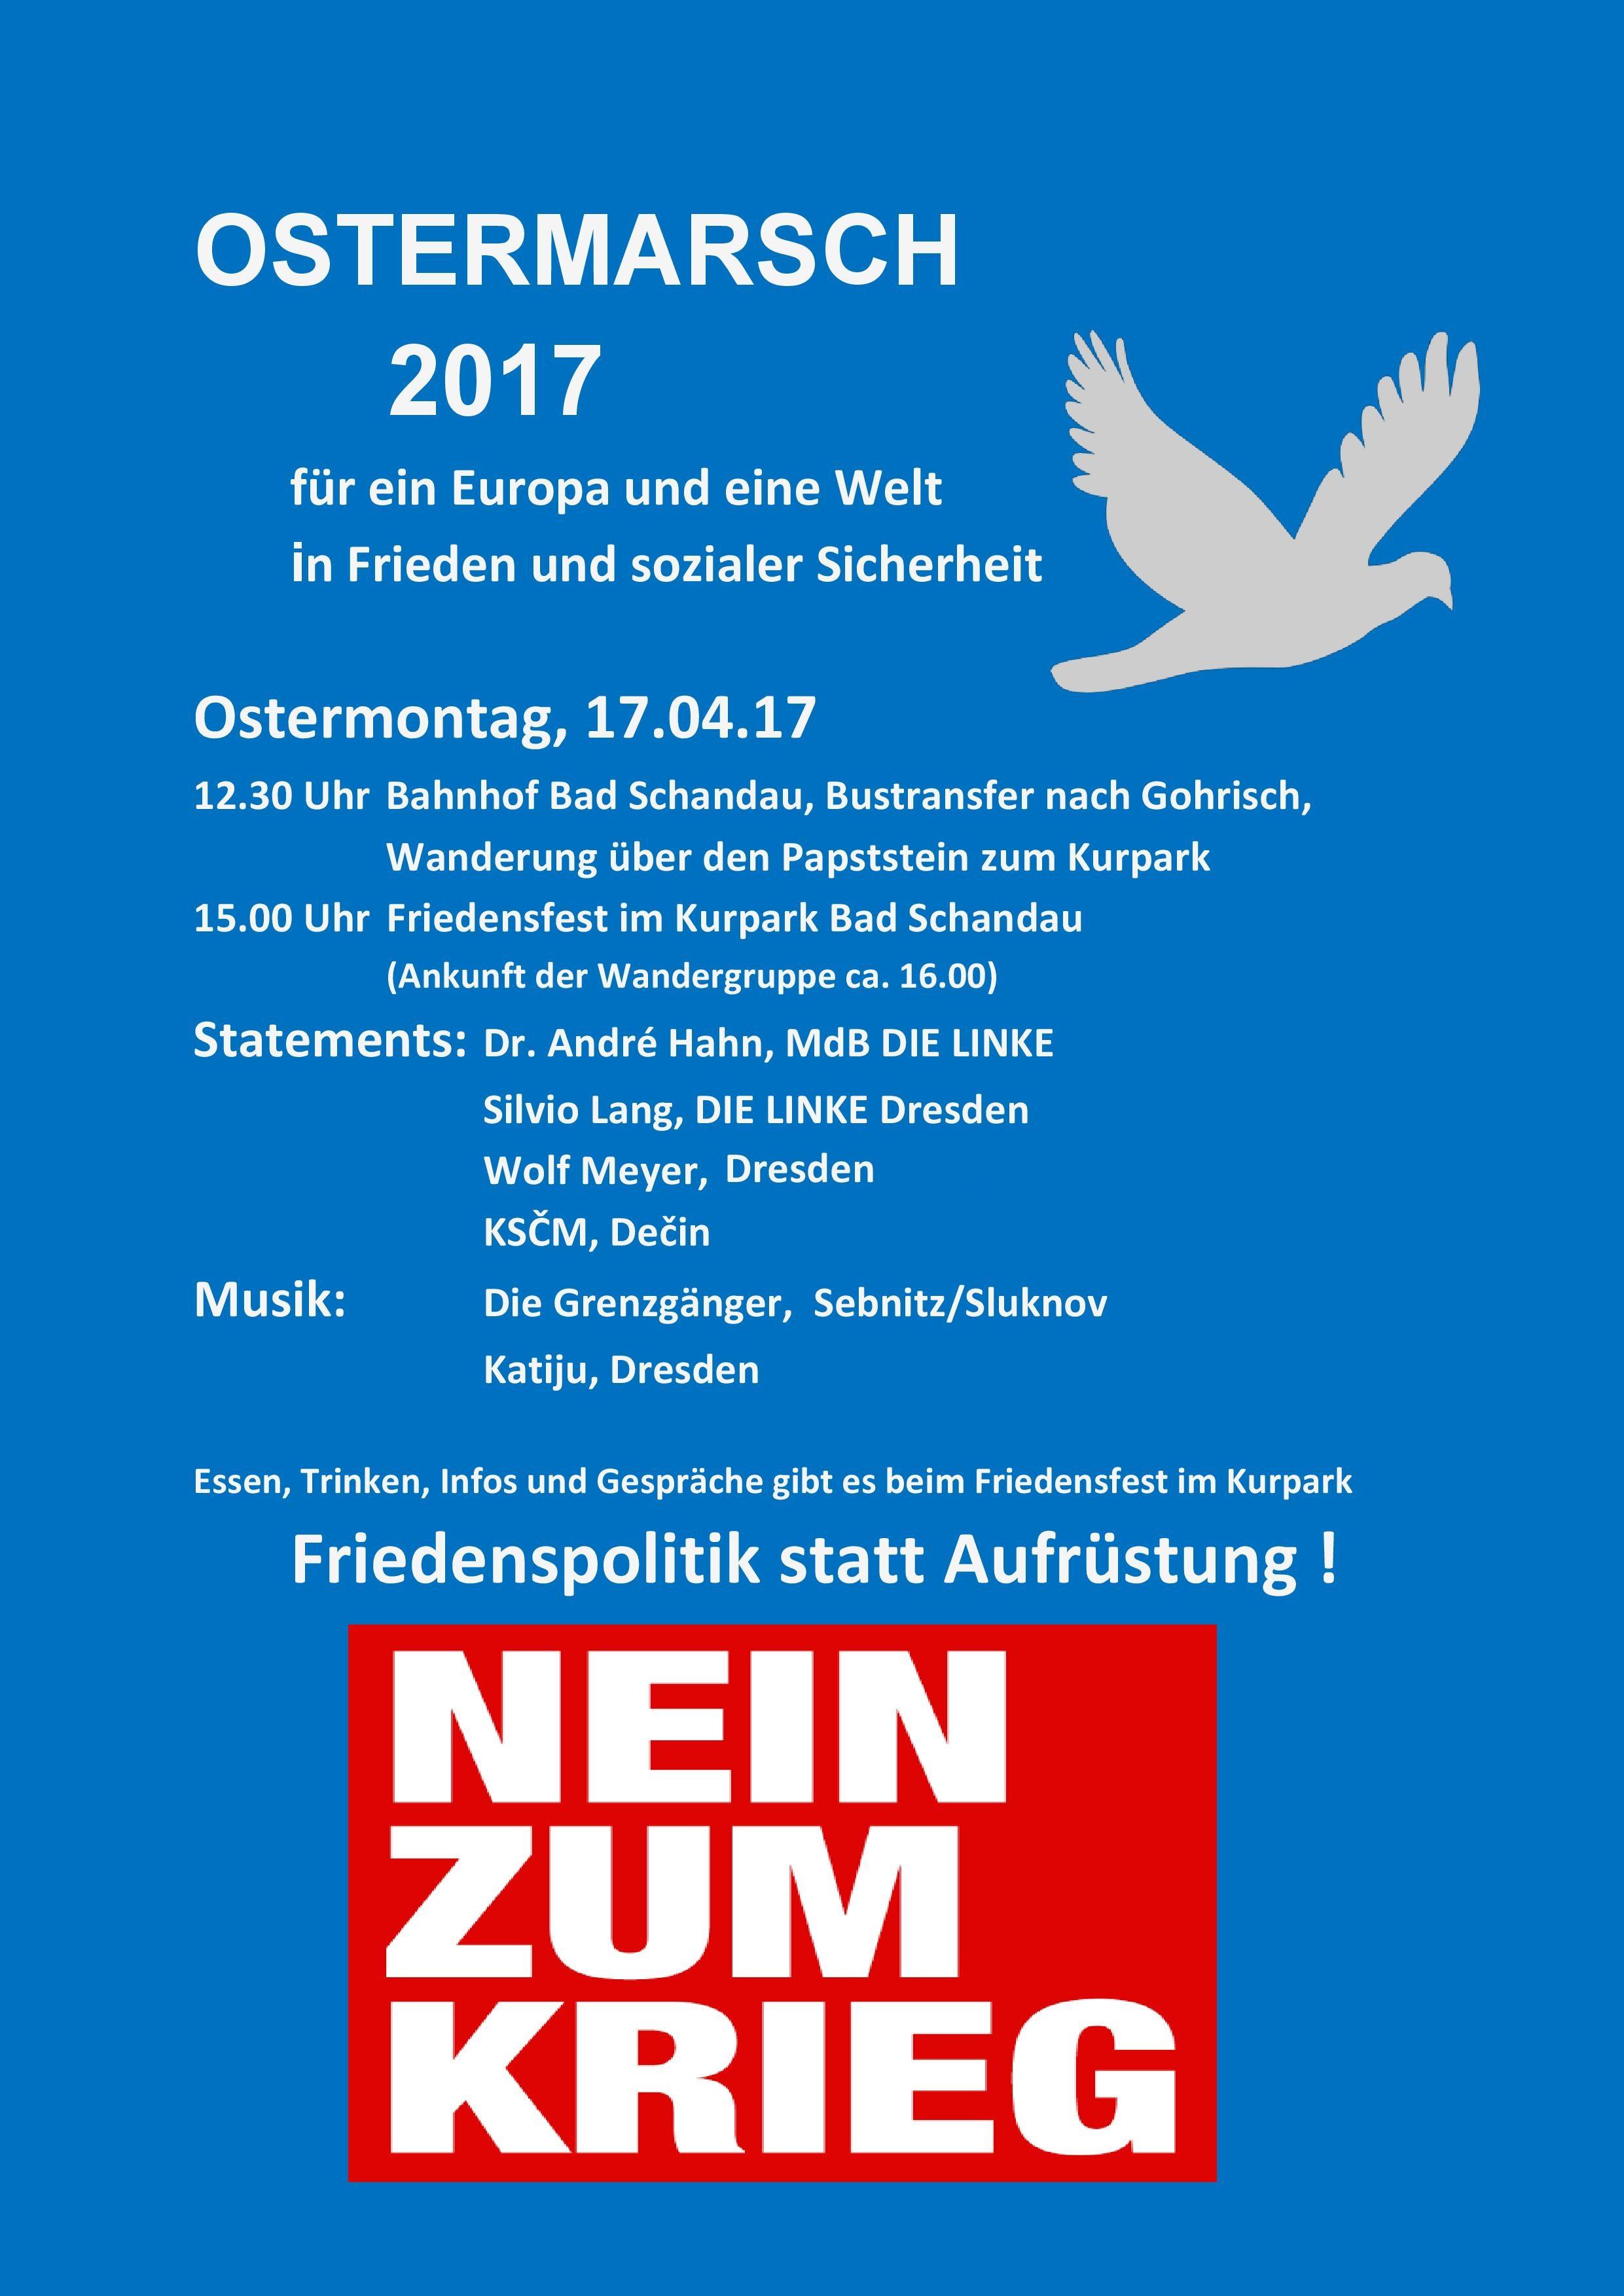 Ostermarsch 2017